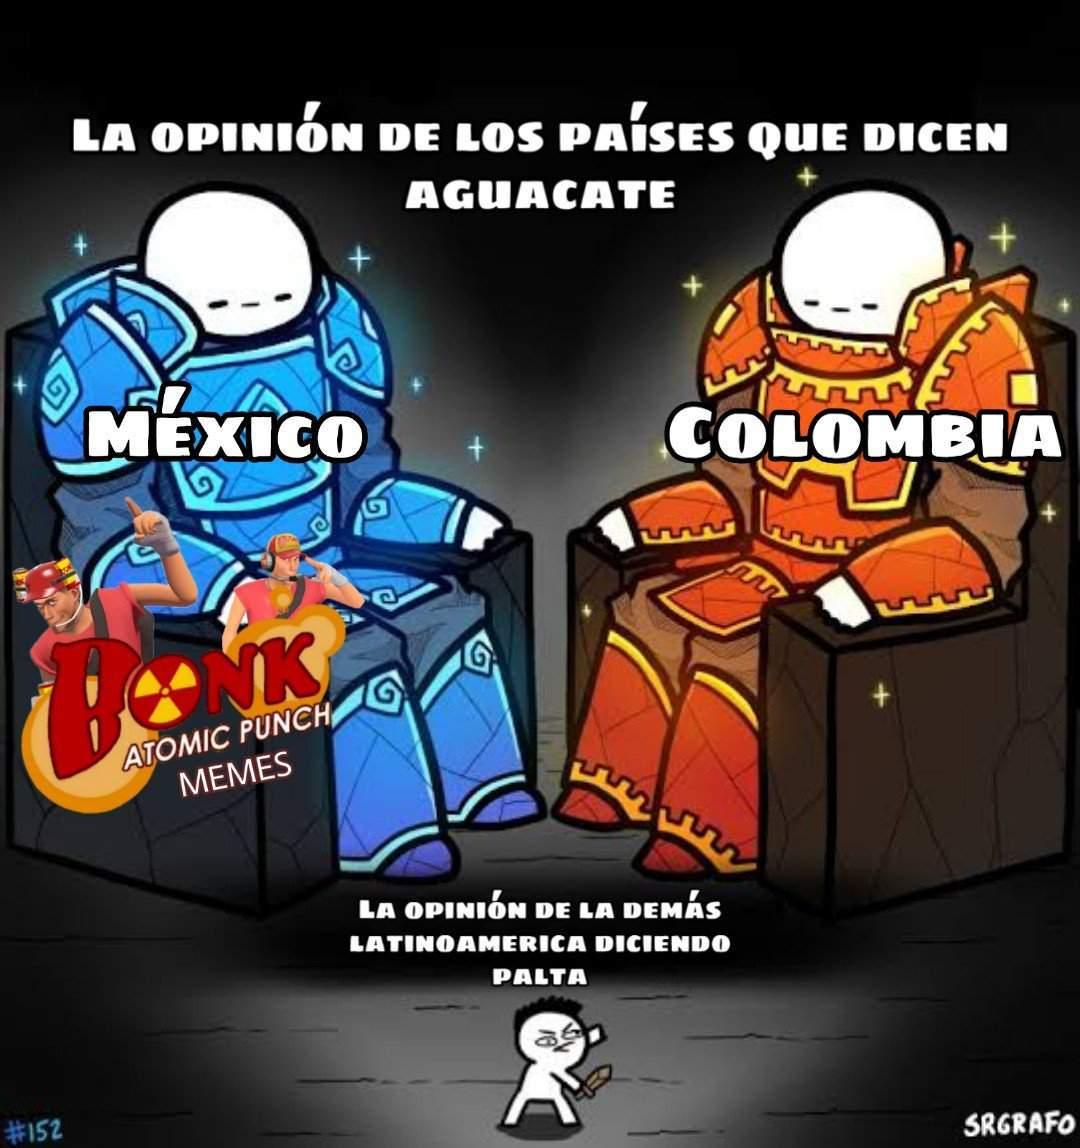 Di lo tuyo peruano - meme